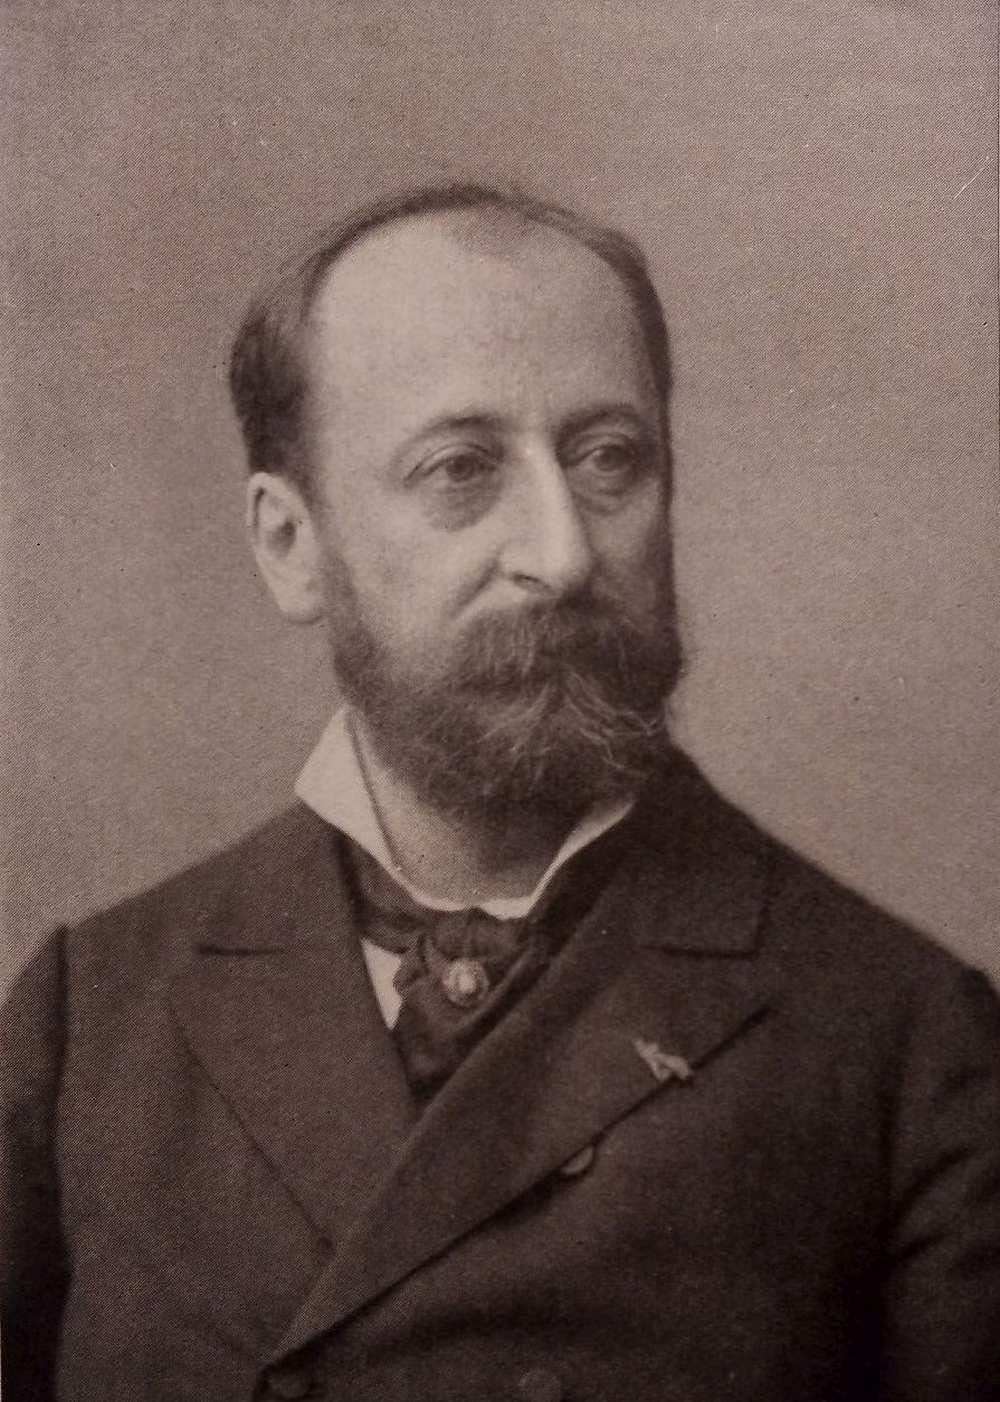 saint-saens_1883-ban_opti.jpg